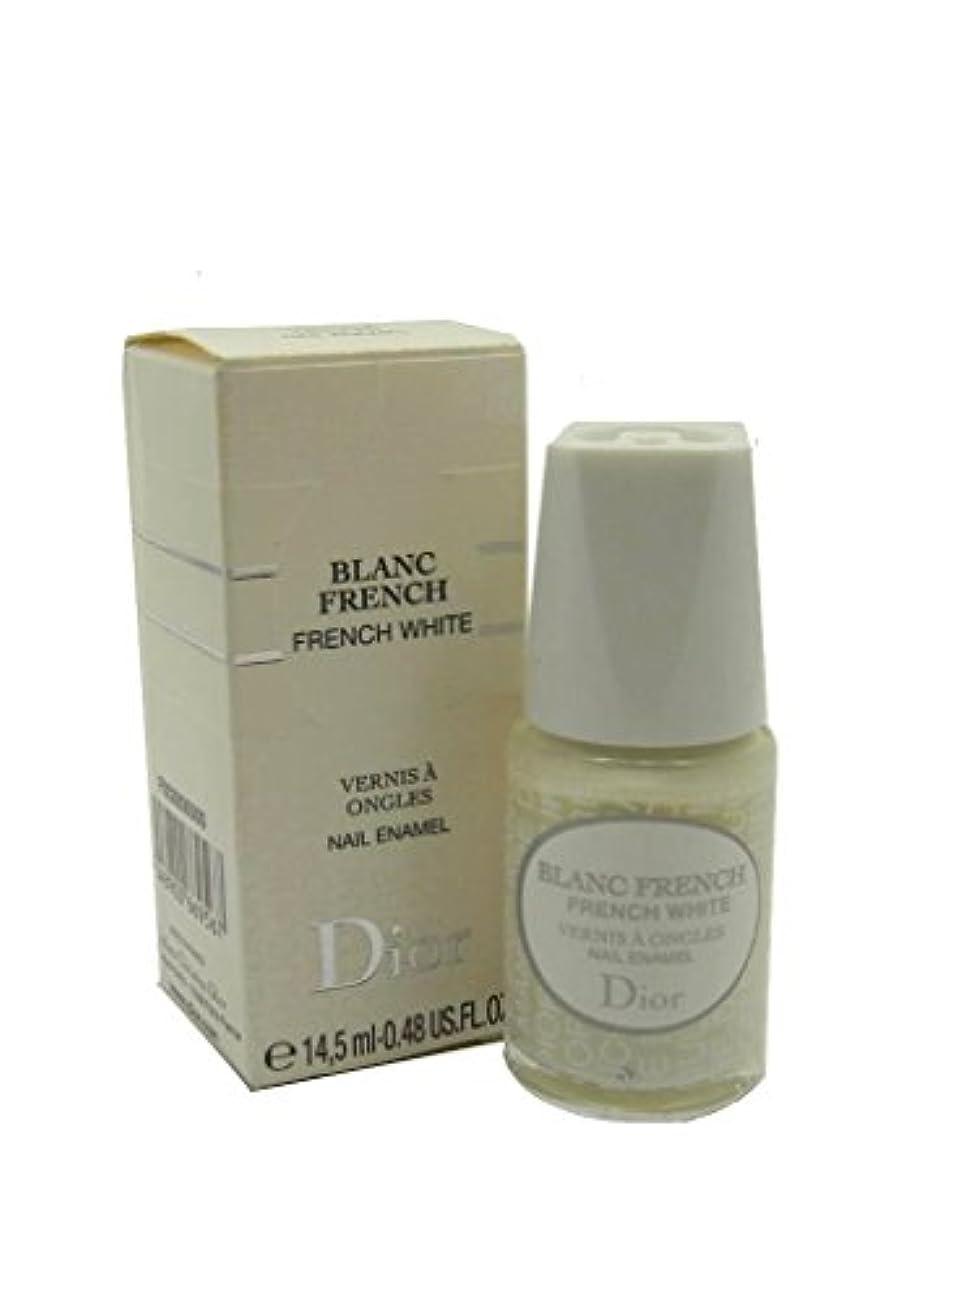 避けられない空白疑問に思うDior Blanc French French White Nail Enamel(ディオール フレンチ ホワイト ネイル エナメル) [並行輸入品]